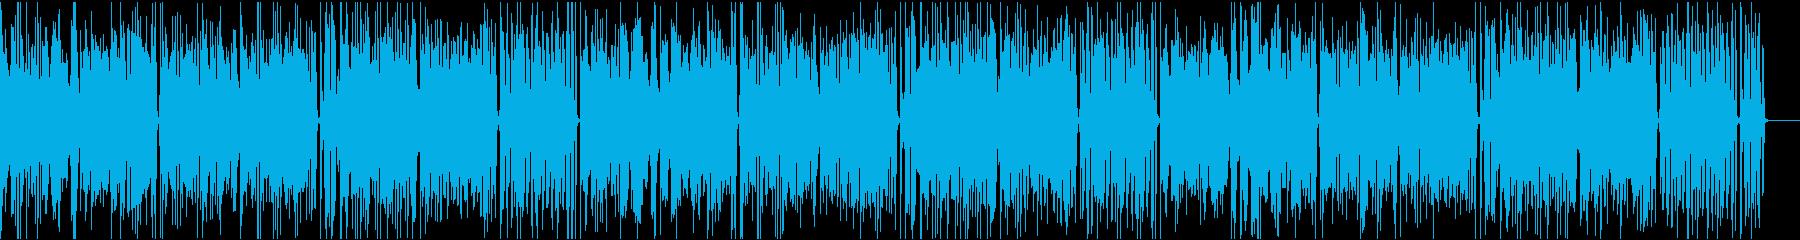 おしゃれイケイケ/静かめの再生済みの波形